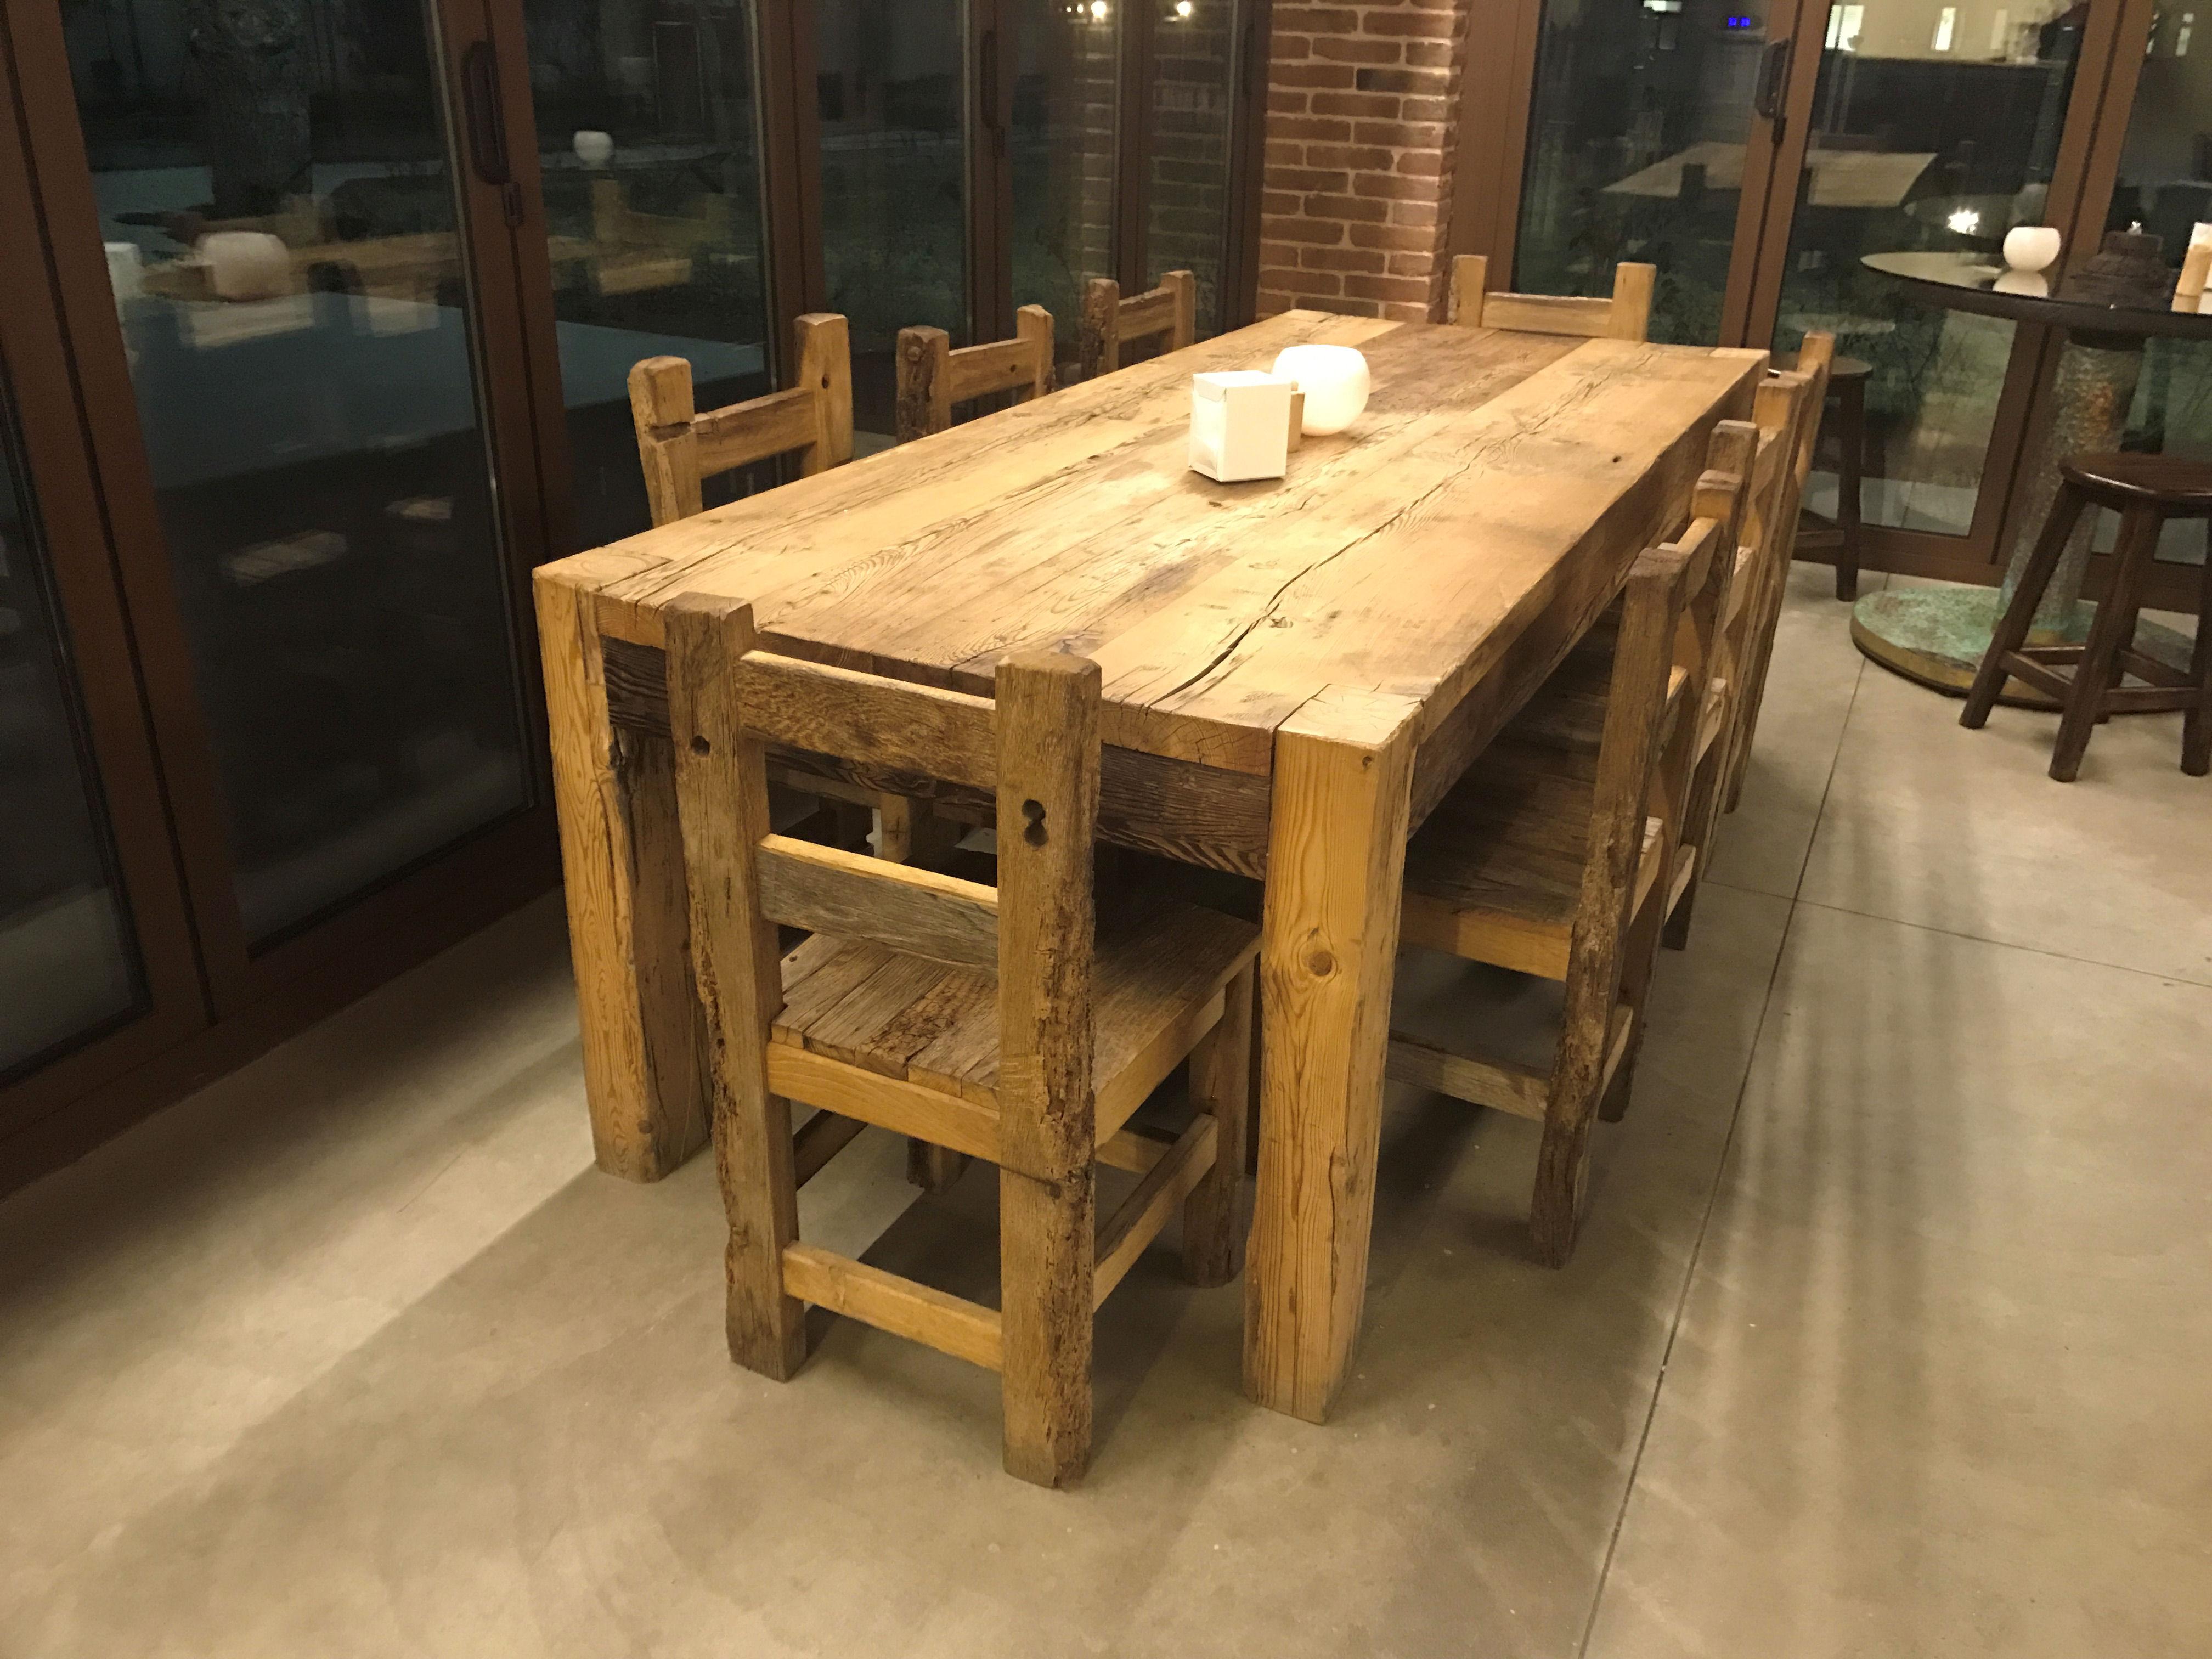 Tavolo con sedie antico casamia idea di immagine for Tavolo legno vecchio usato